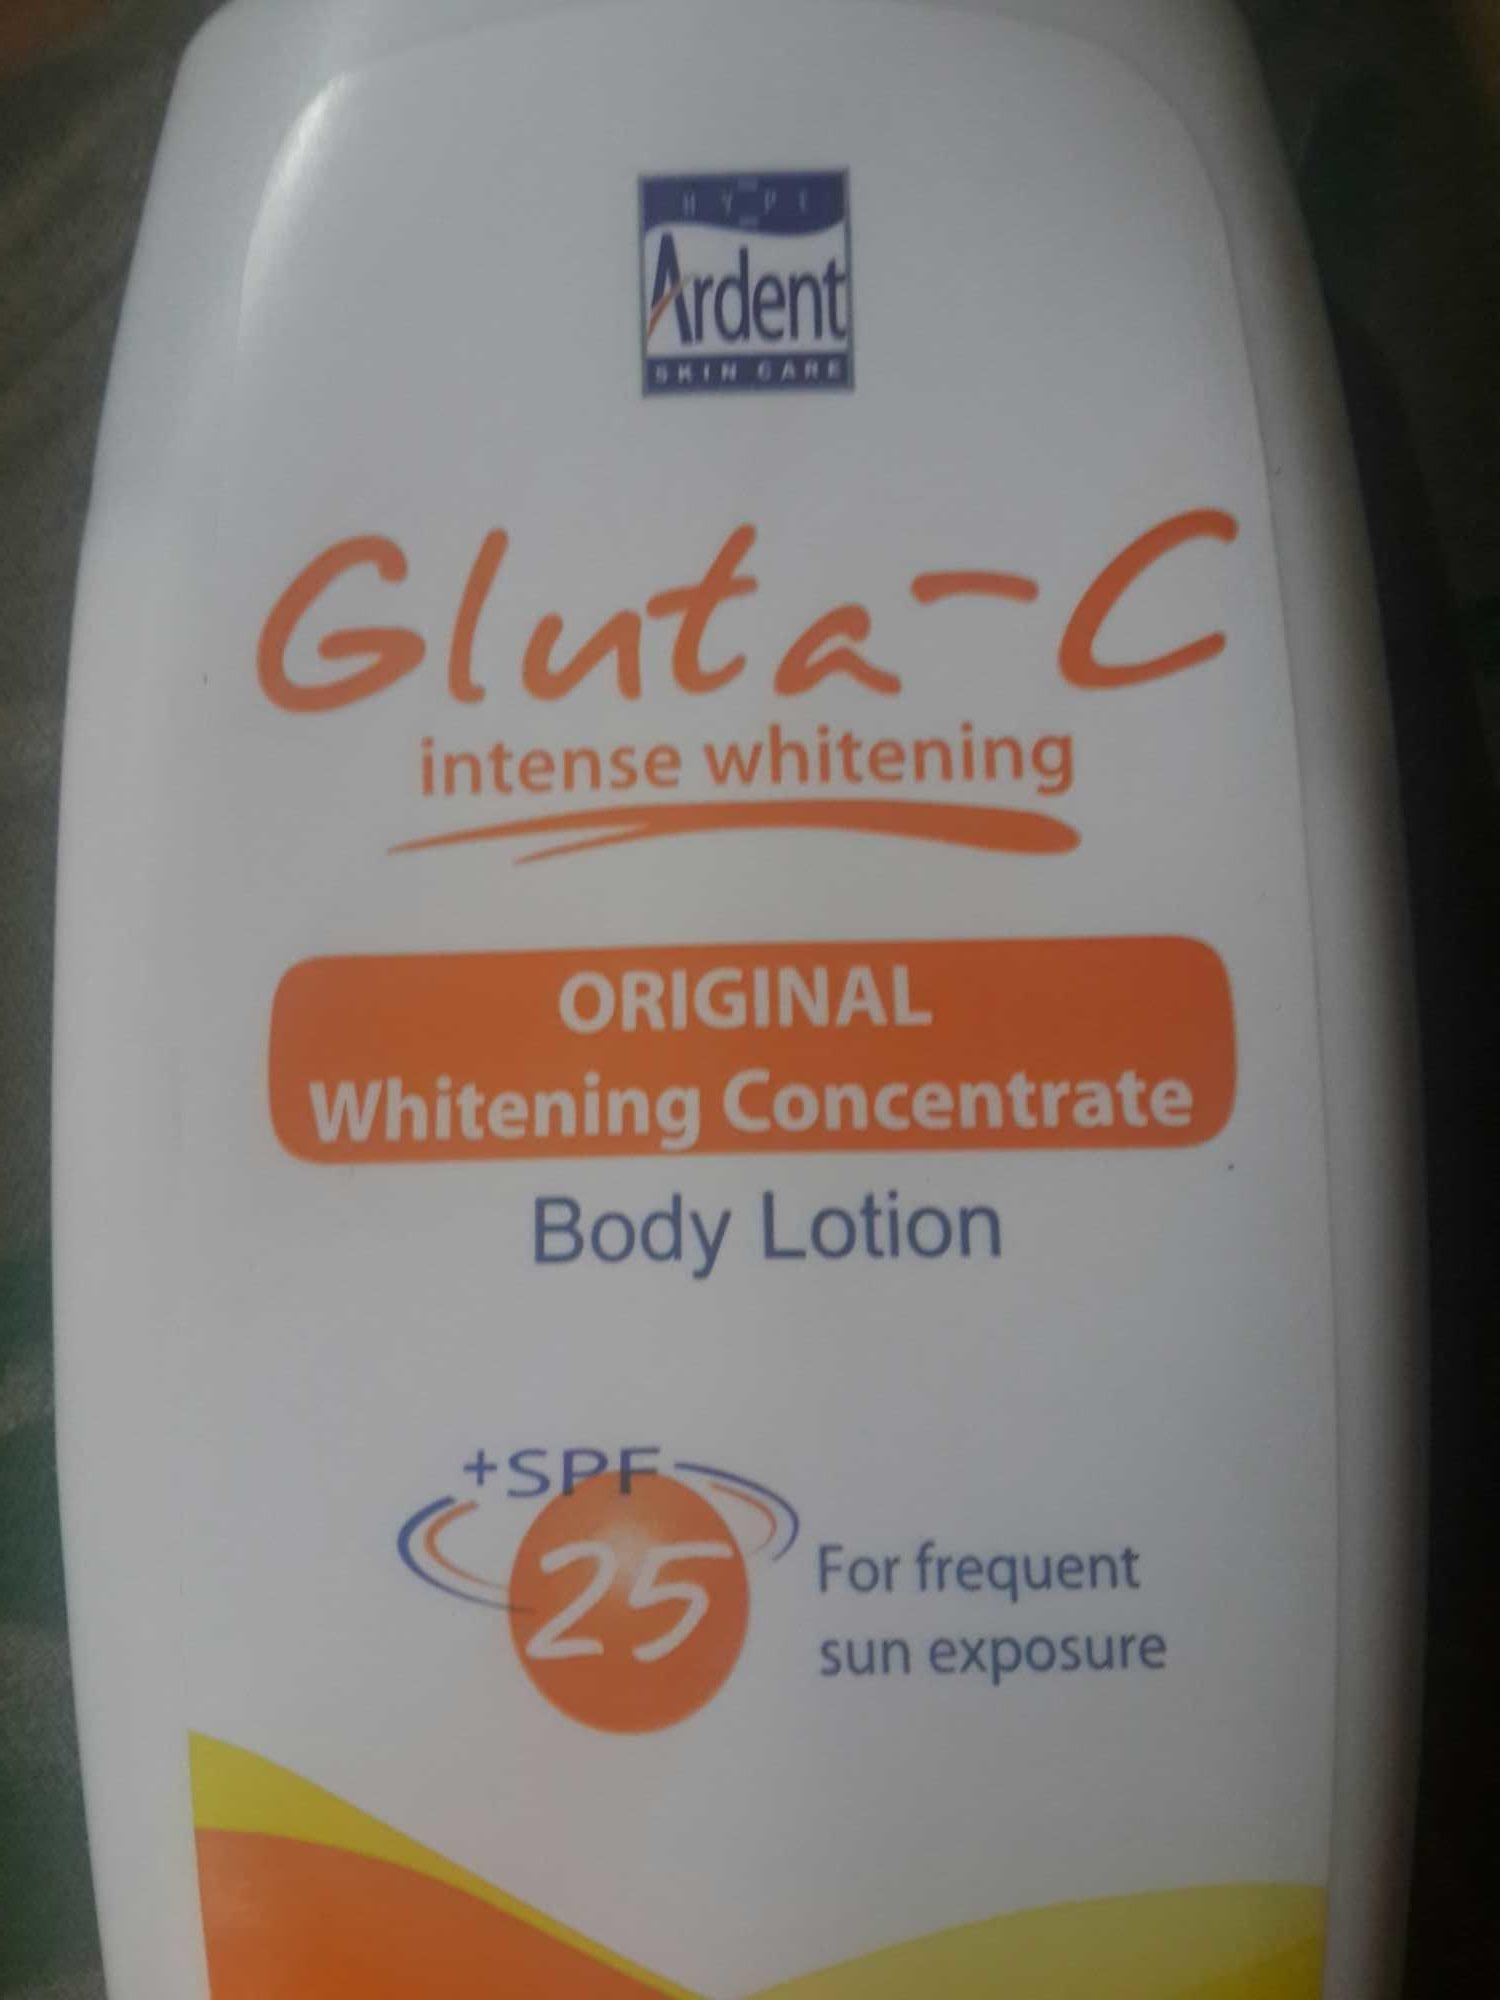 Gluta-C - Product